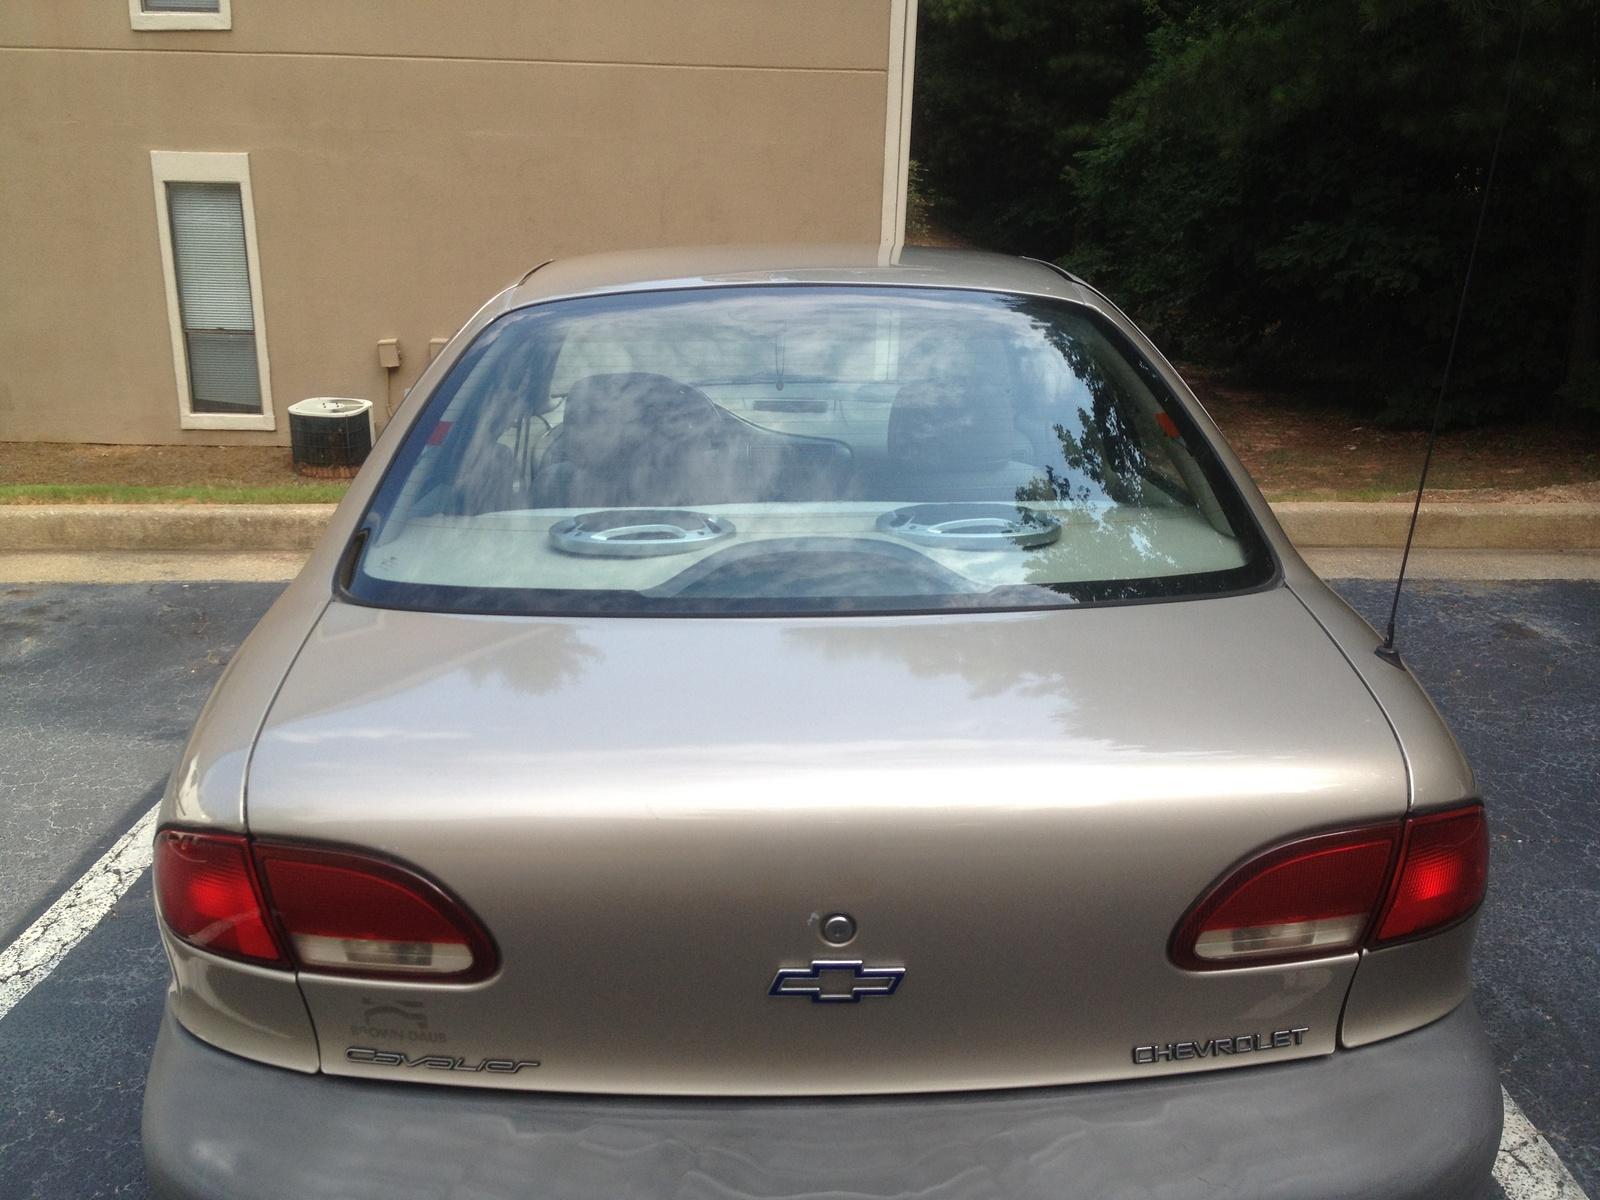 1997 Chevrolet Cavalier - Trim Information